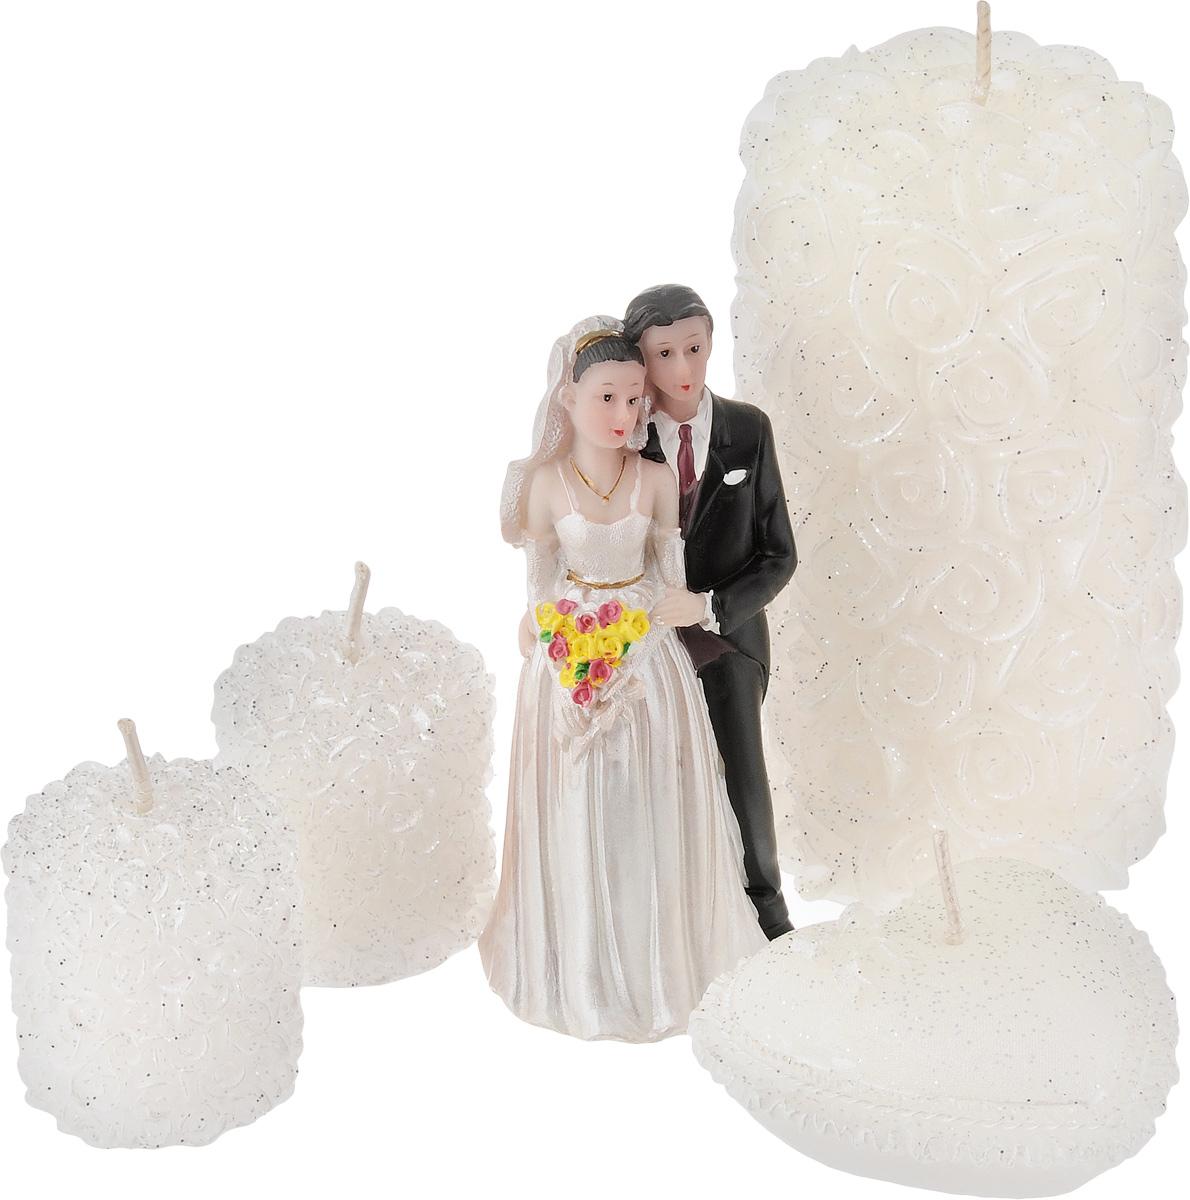 Набор декоративных свечей Win Max Свадебный, 4 шт. 9443594435Набор декоративных свечей Win Max Свадебный представляет собой набор из четырех свечей и фигурки жениха и невесты. Набор упакован в красивую коробку и перевязан лентой. Свечи создают атмосферу уюта и романтики. Яркая свеча будет прекрасным дополнением к вашему празднику. Симпатичный сувенир послужит отличным подарком.Размеры свечей:- одна свеча 6 х 6 х 11 см,- одна свеча 6,5 х 6,5 х 2,5 см,- две свечи 3,5 х 3,5 х 4 см,Размер статуэтки: 4,5 х 4,5 х 10 см.